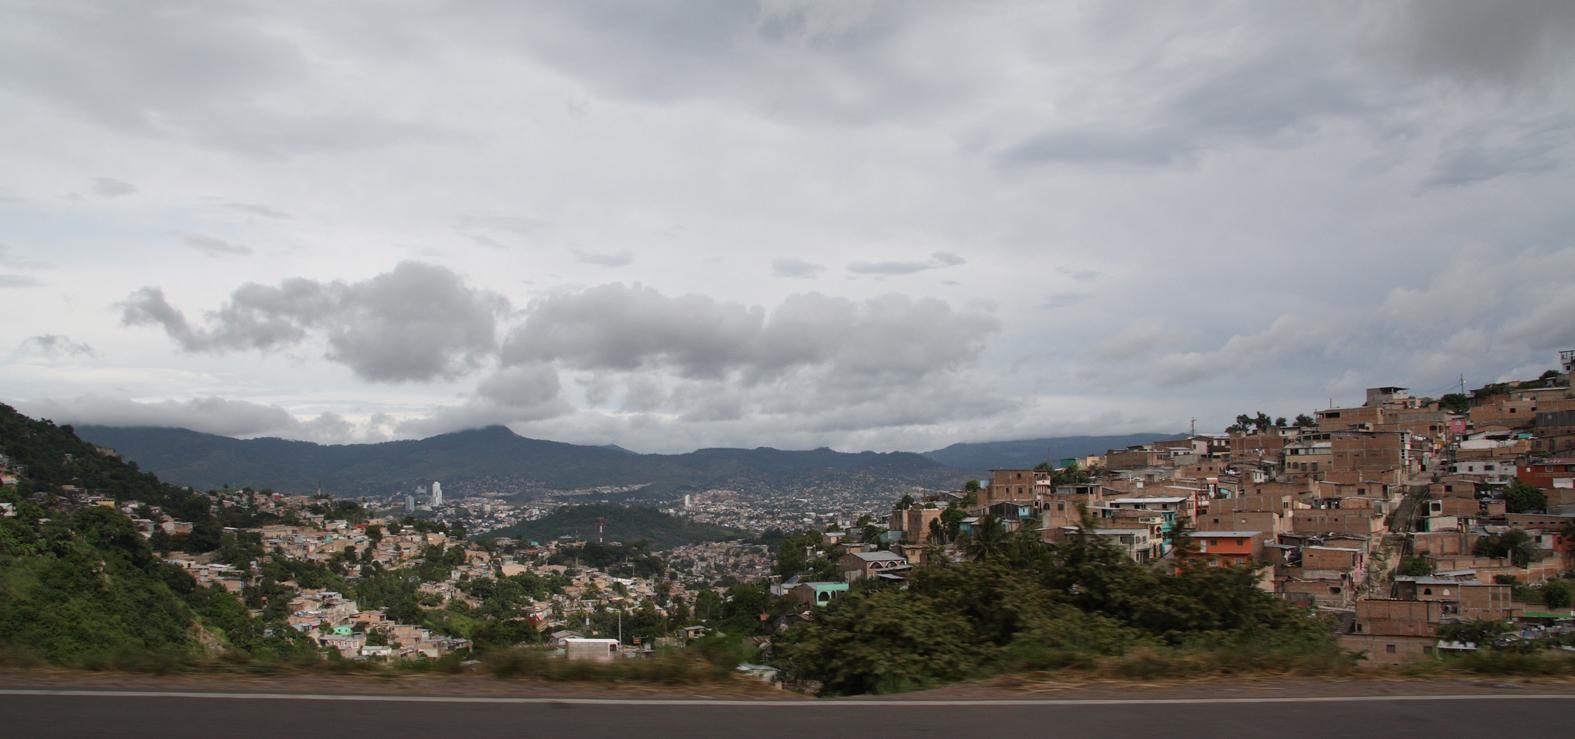 El barrio urbano de Tegucigalpa Tegucigalpa Honduras